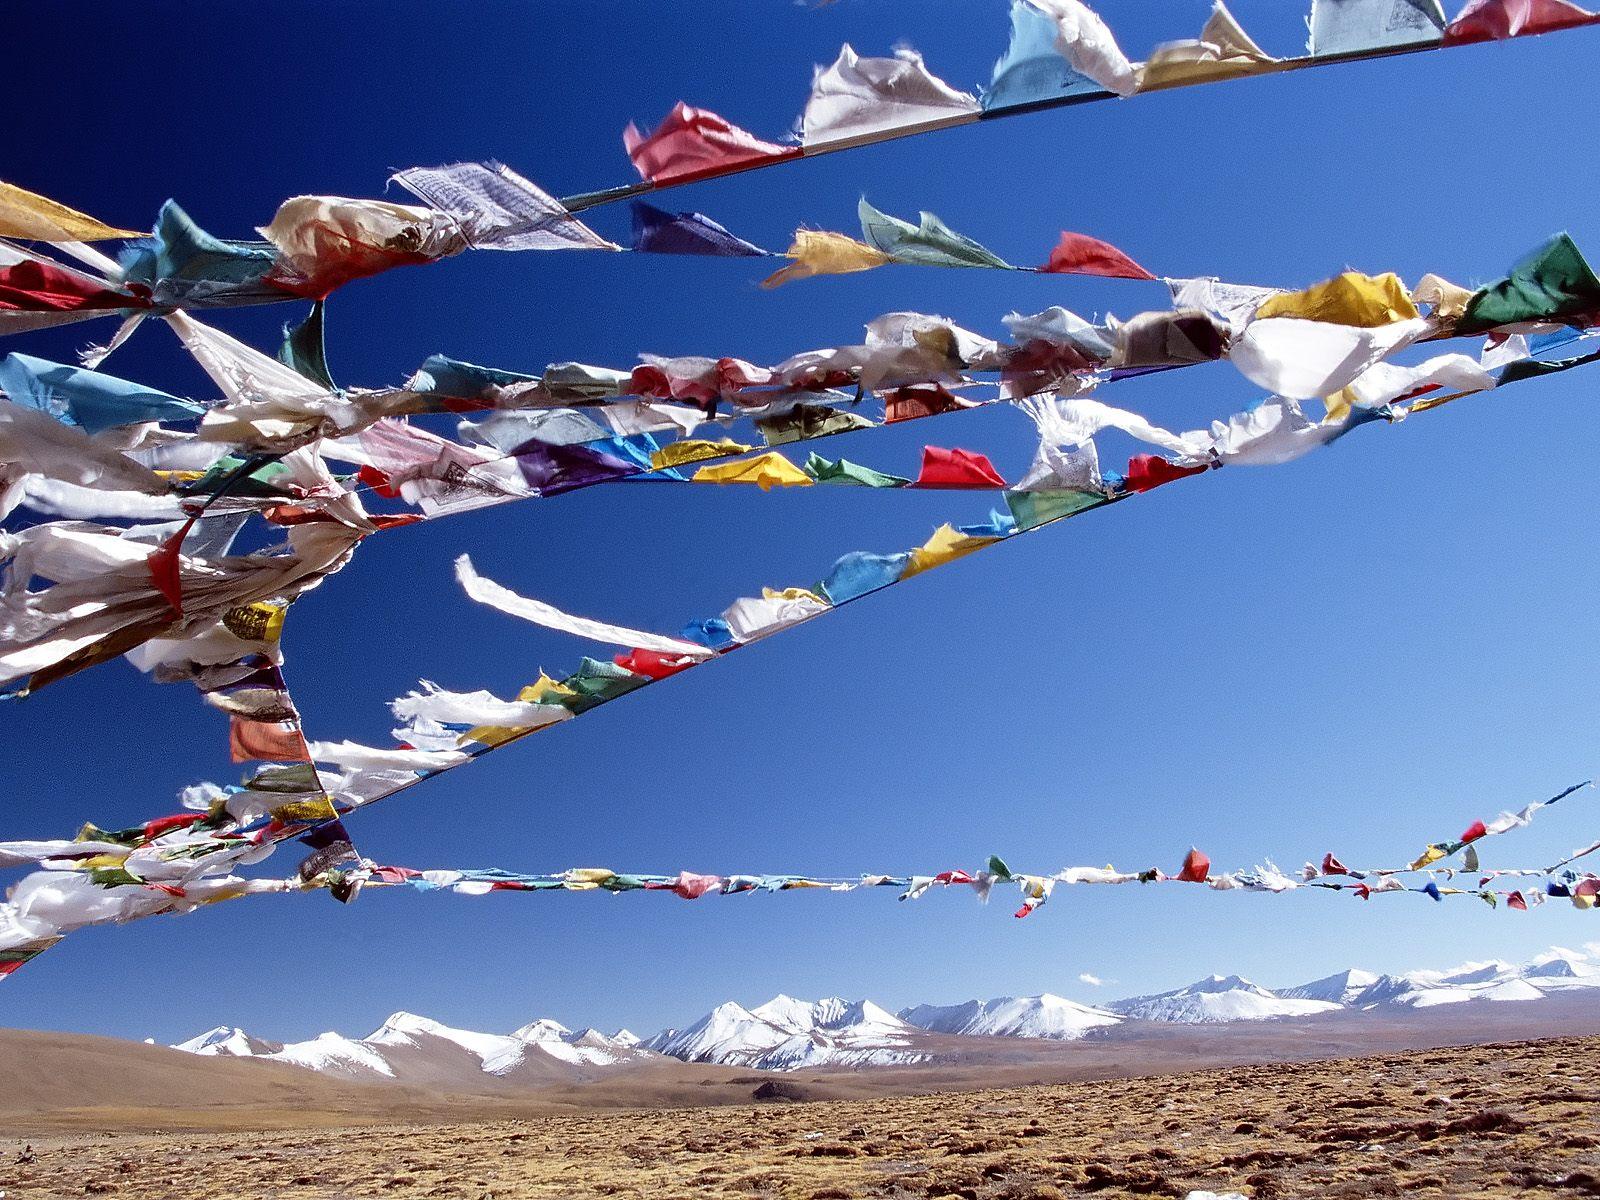 http://4.bp.blogspot.com/-GUYcgo6m9Ns/T986dY72_nI/AAAAAAAAA_w/WIBlGN1b51c/s1600/Tibet+babdiere.jpg